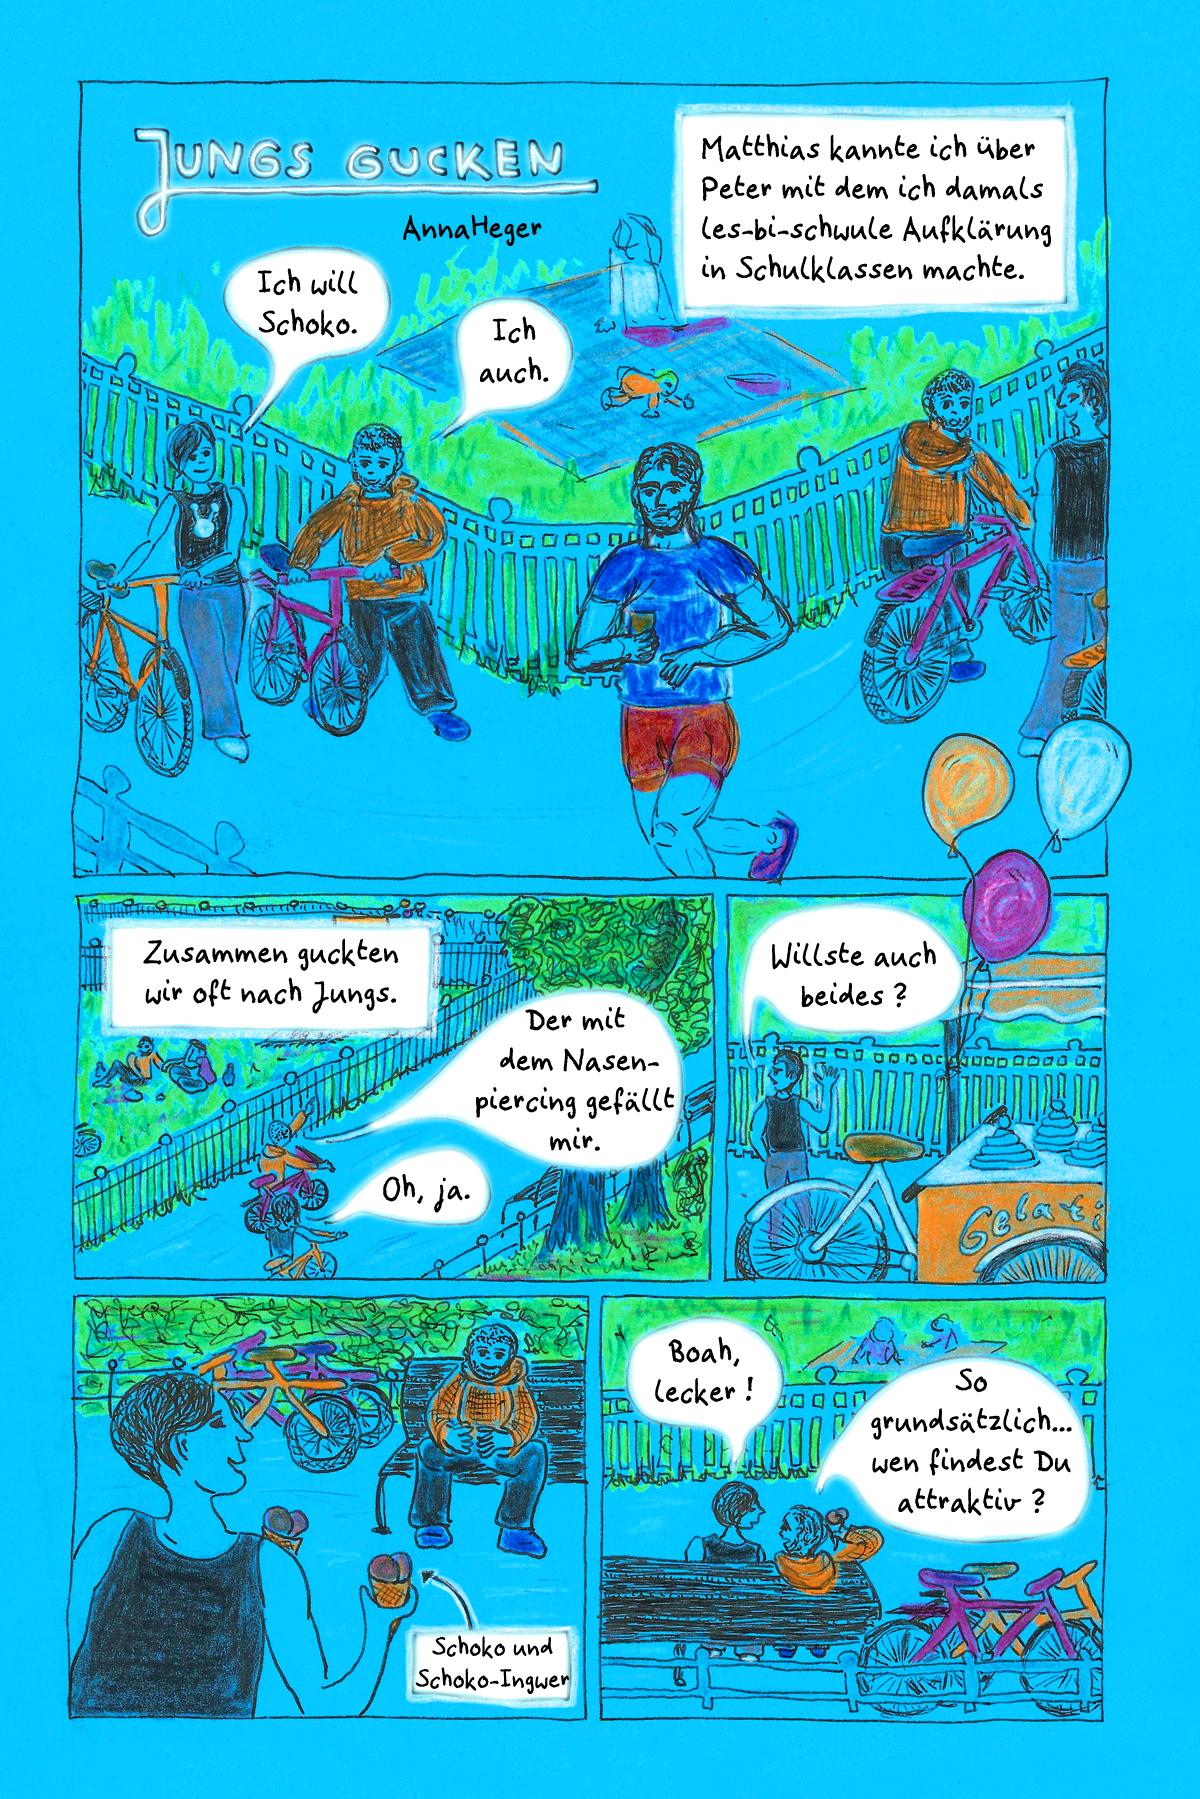 Comic Jungs Gucken Seite 1/2, das ganze Comic wird im folgenden in reinen Text transkribiert